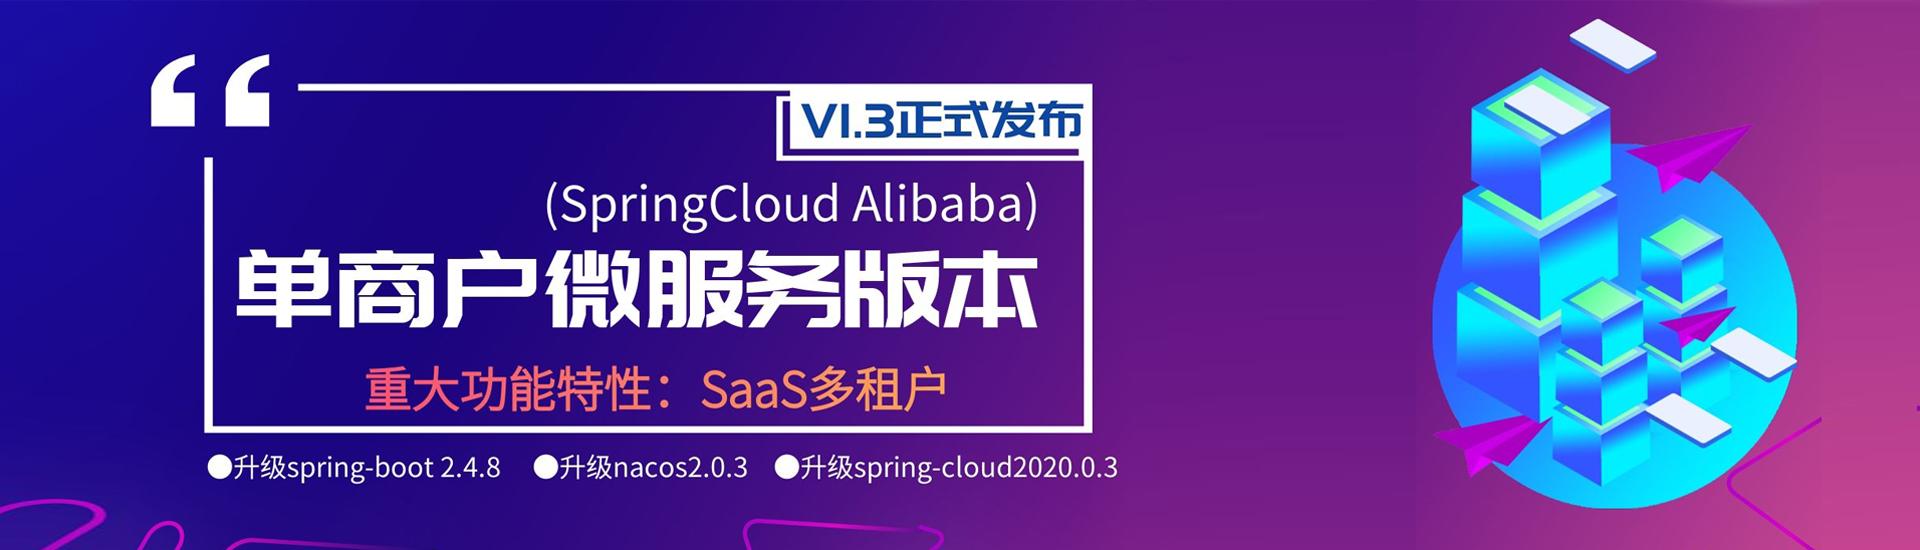 单商户微服务V1.3正式发布啦